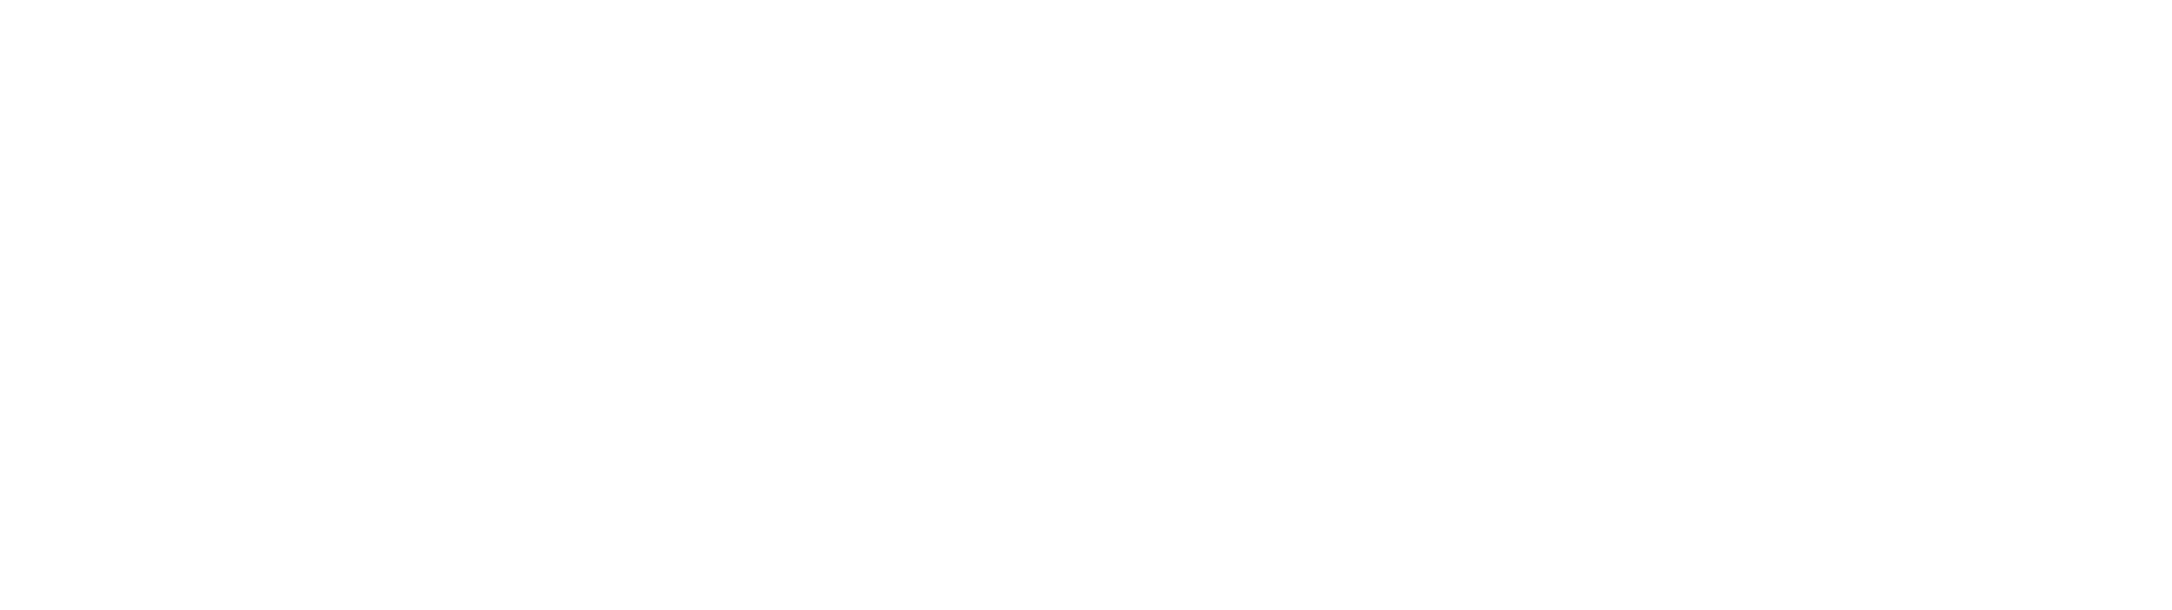 pagomed